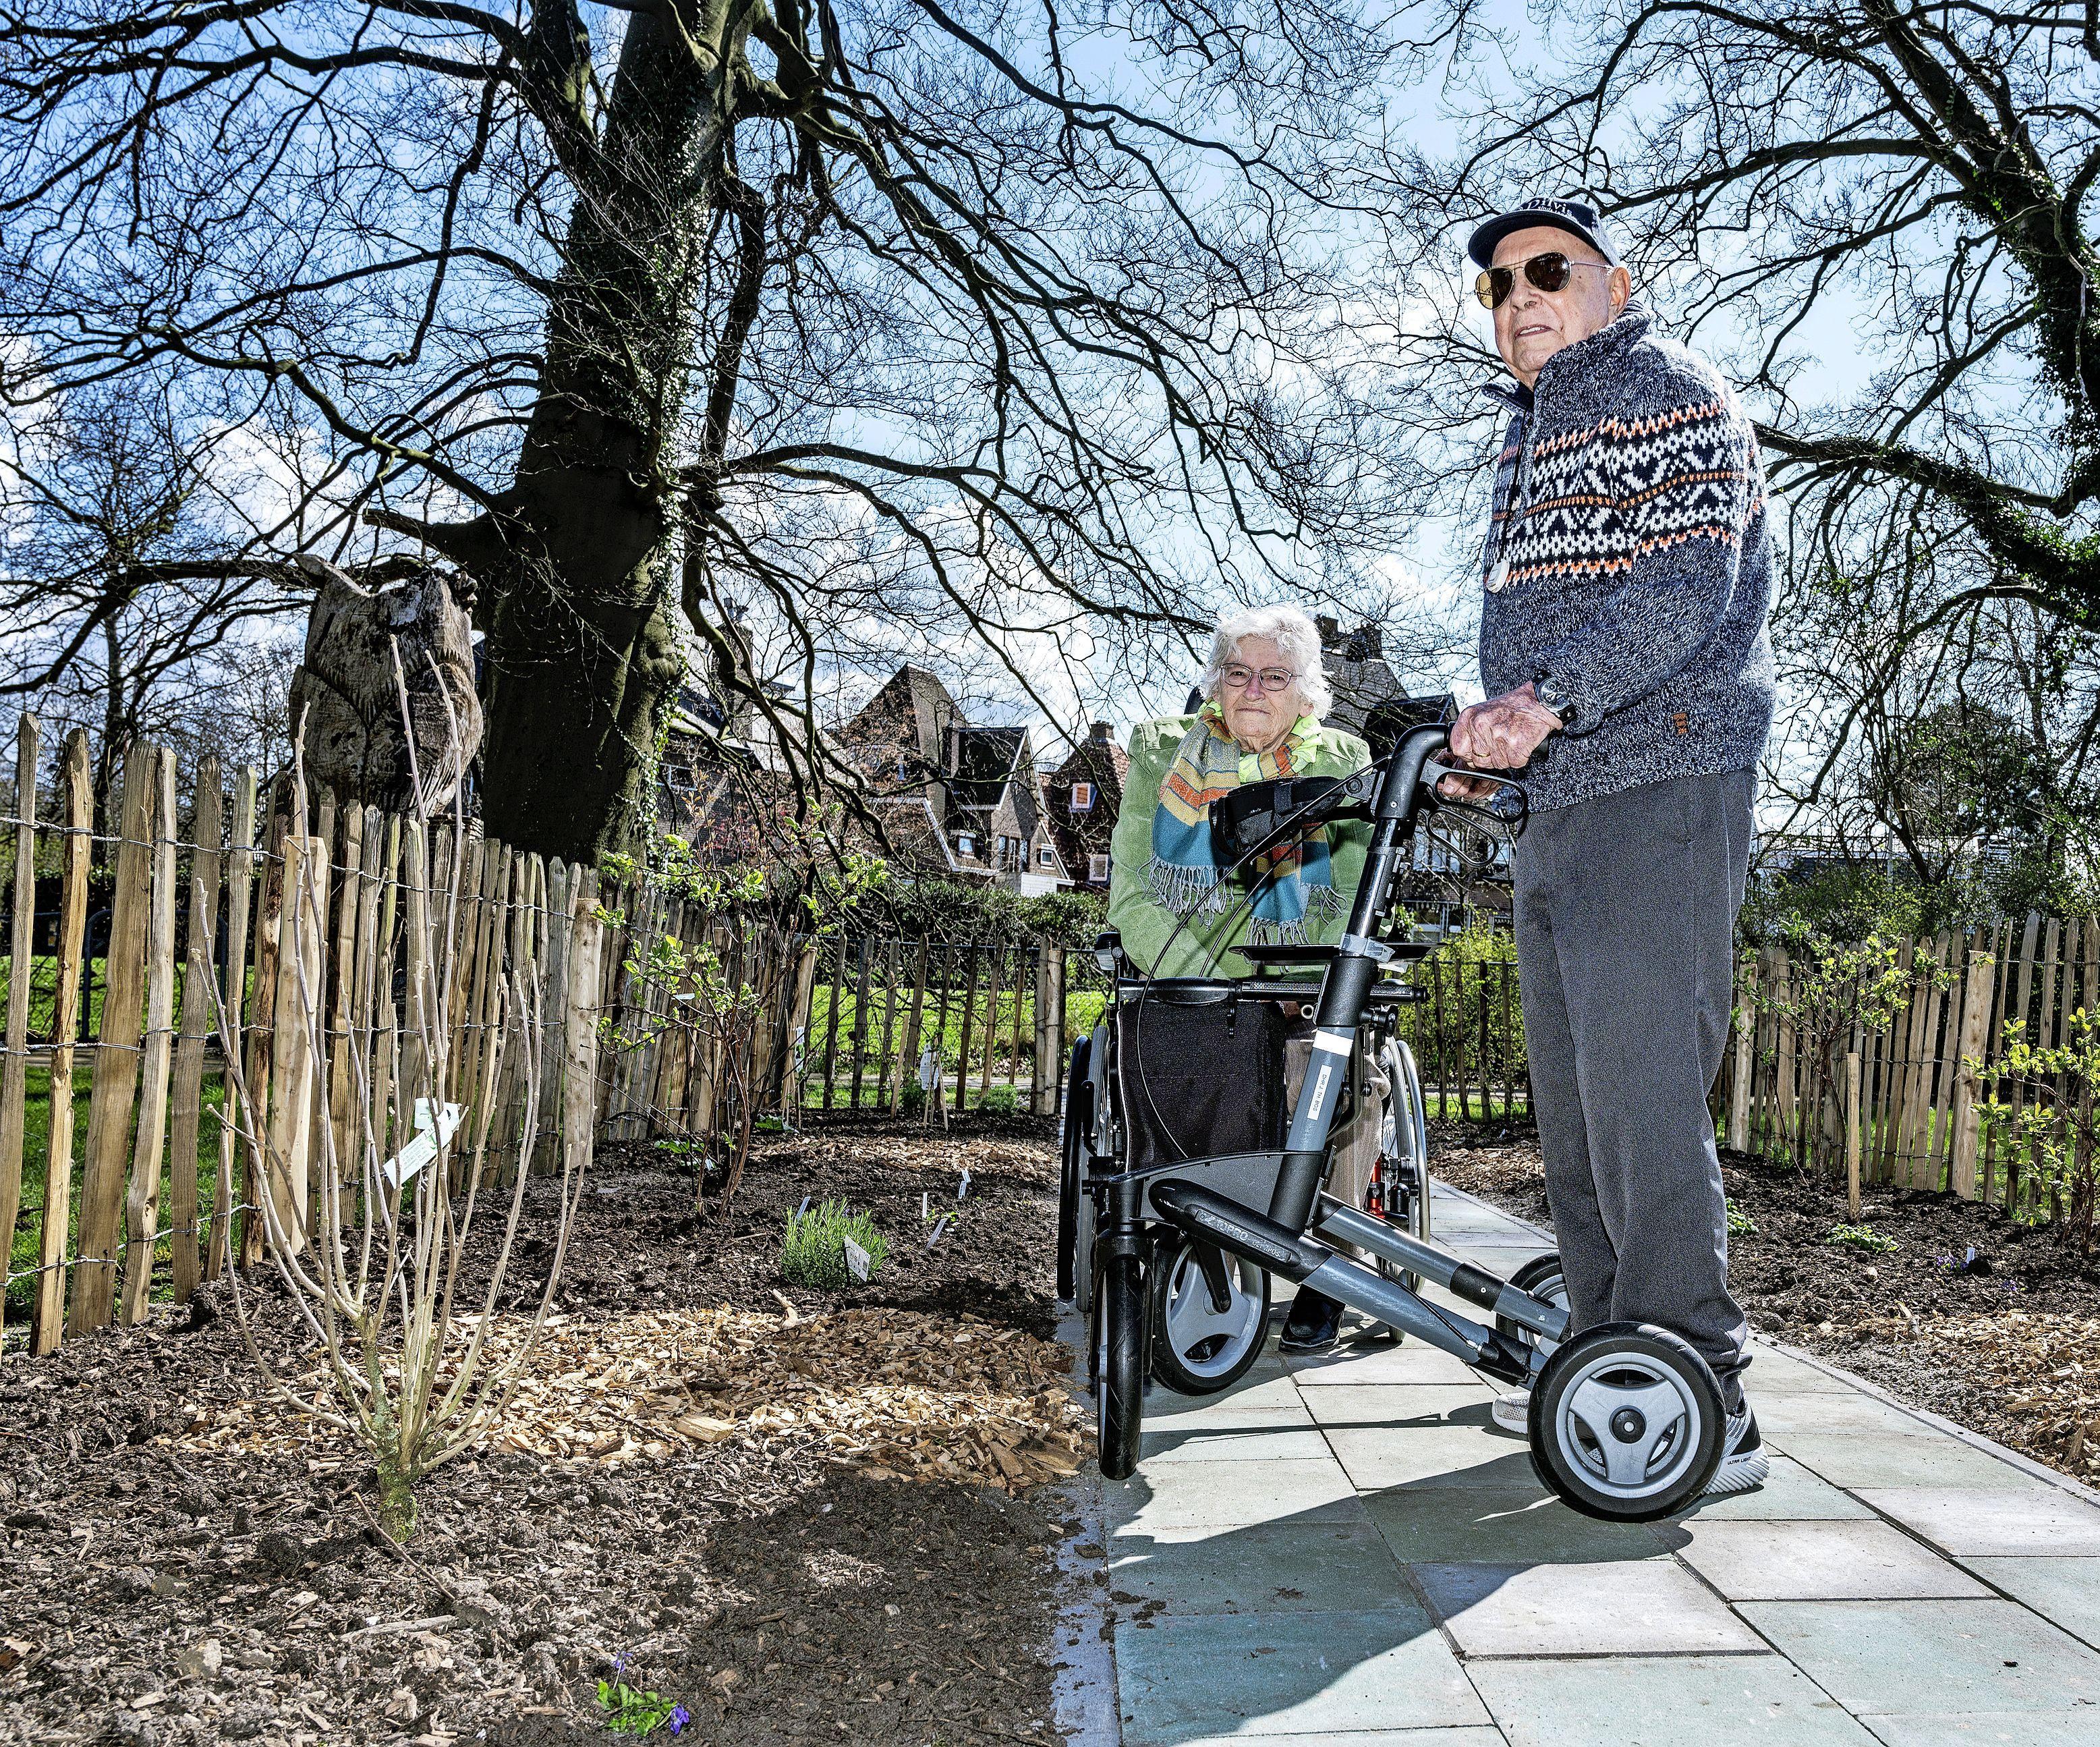 Proeftuin als 'groene magneet': Bewoners Sint Jacob in de Hout kunnen plukken en proeven uit eigen tuin